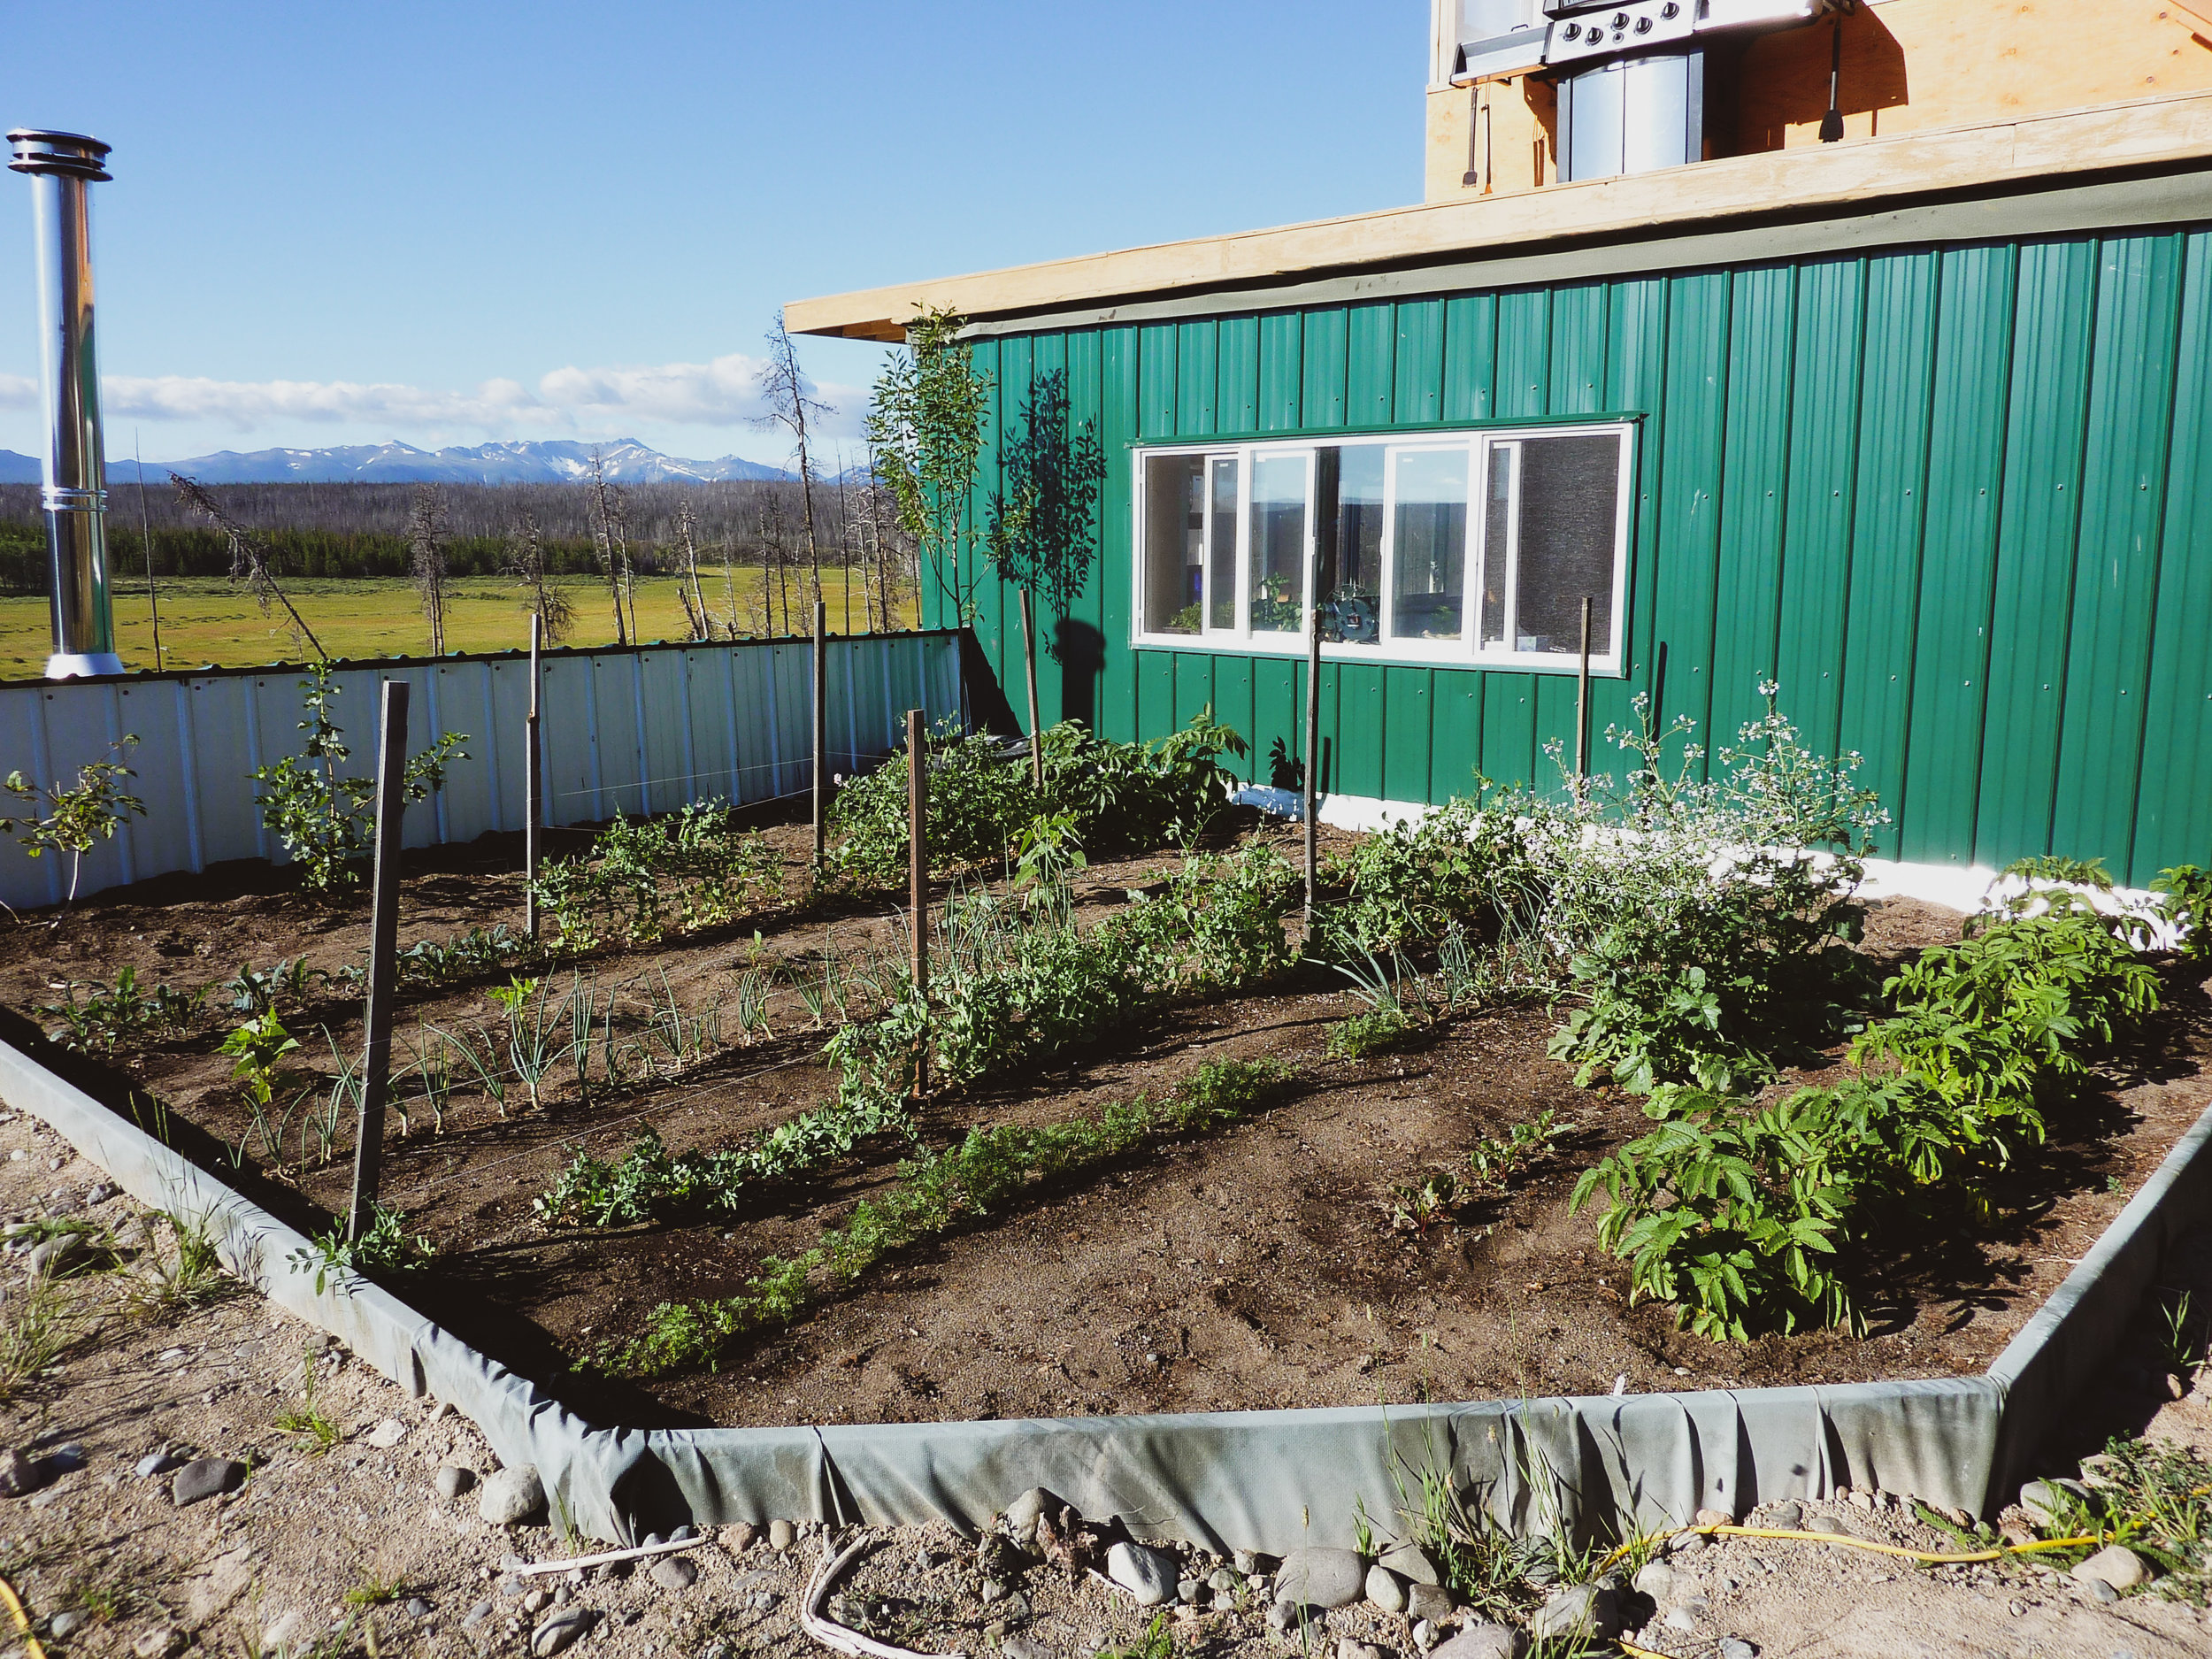 Garden on Roof.jpg